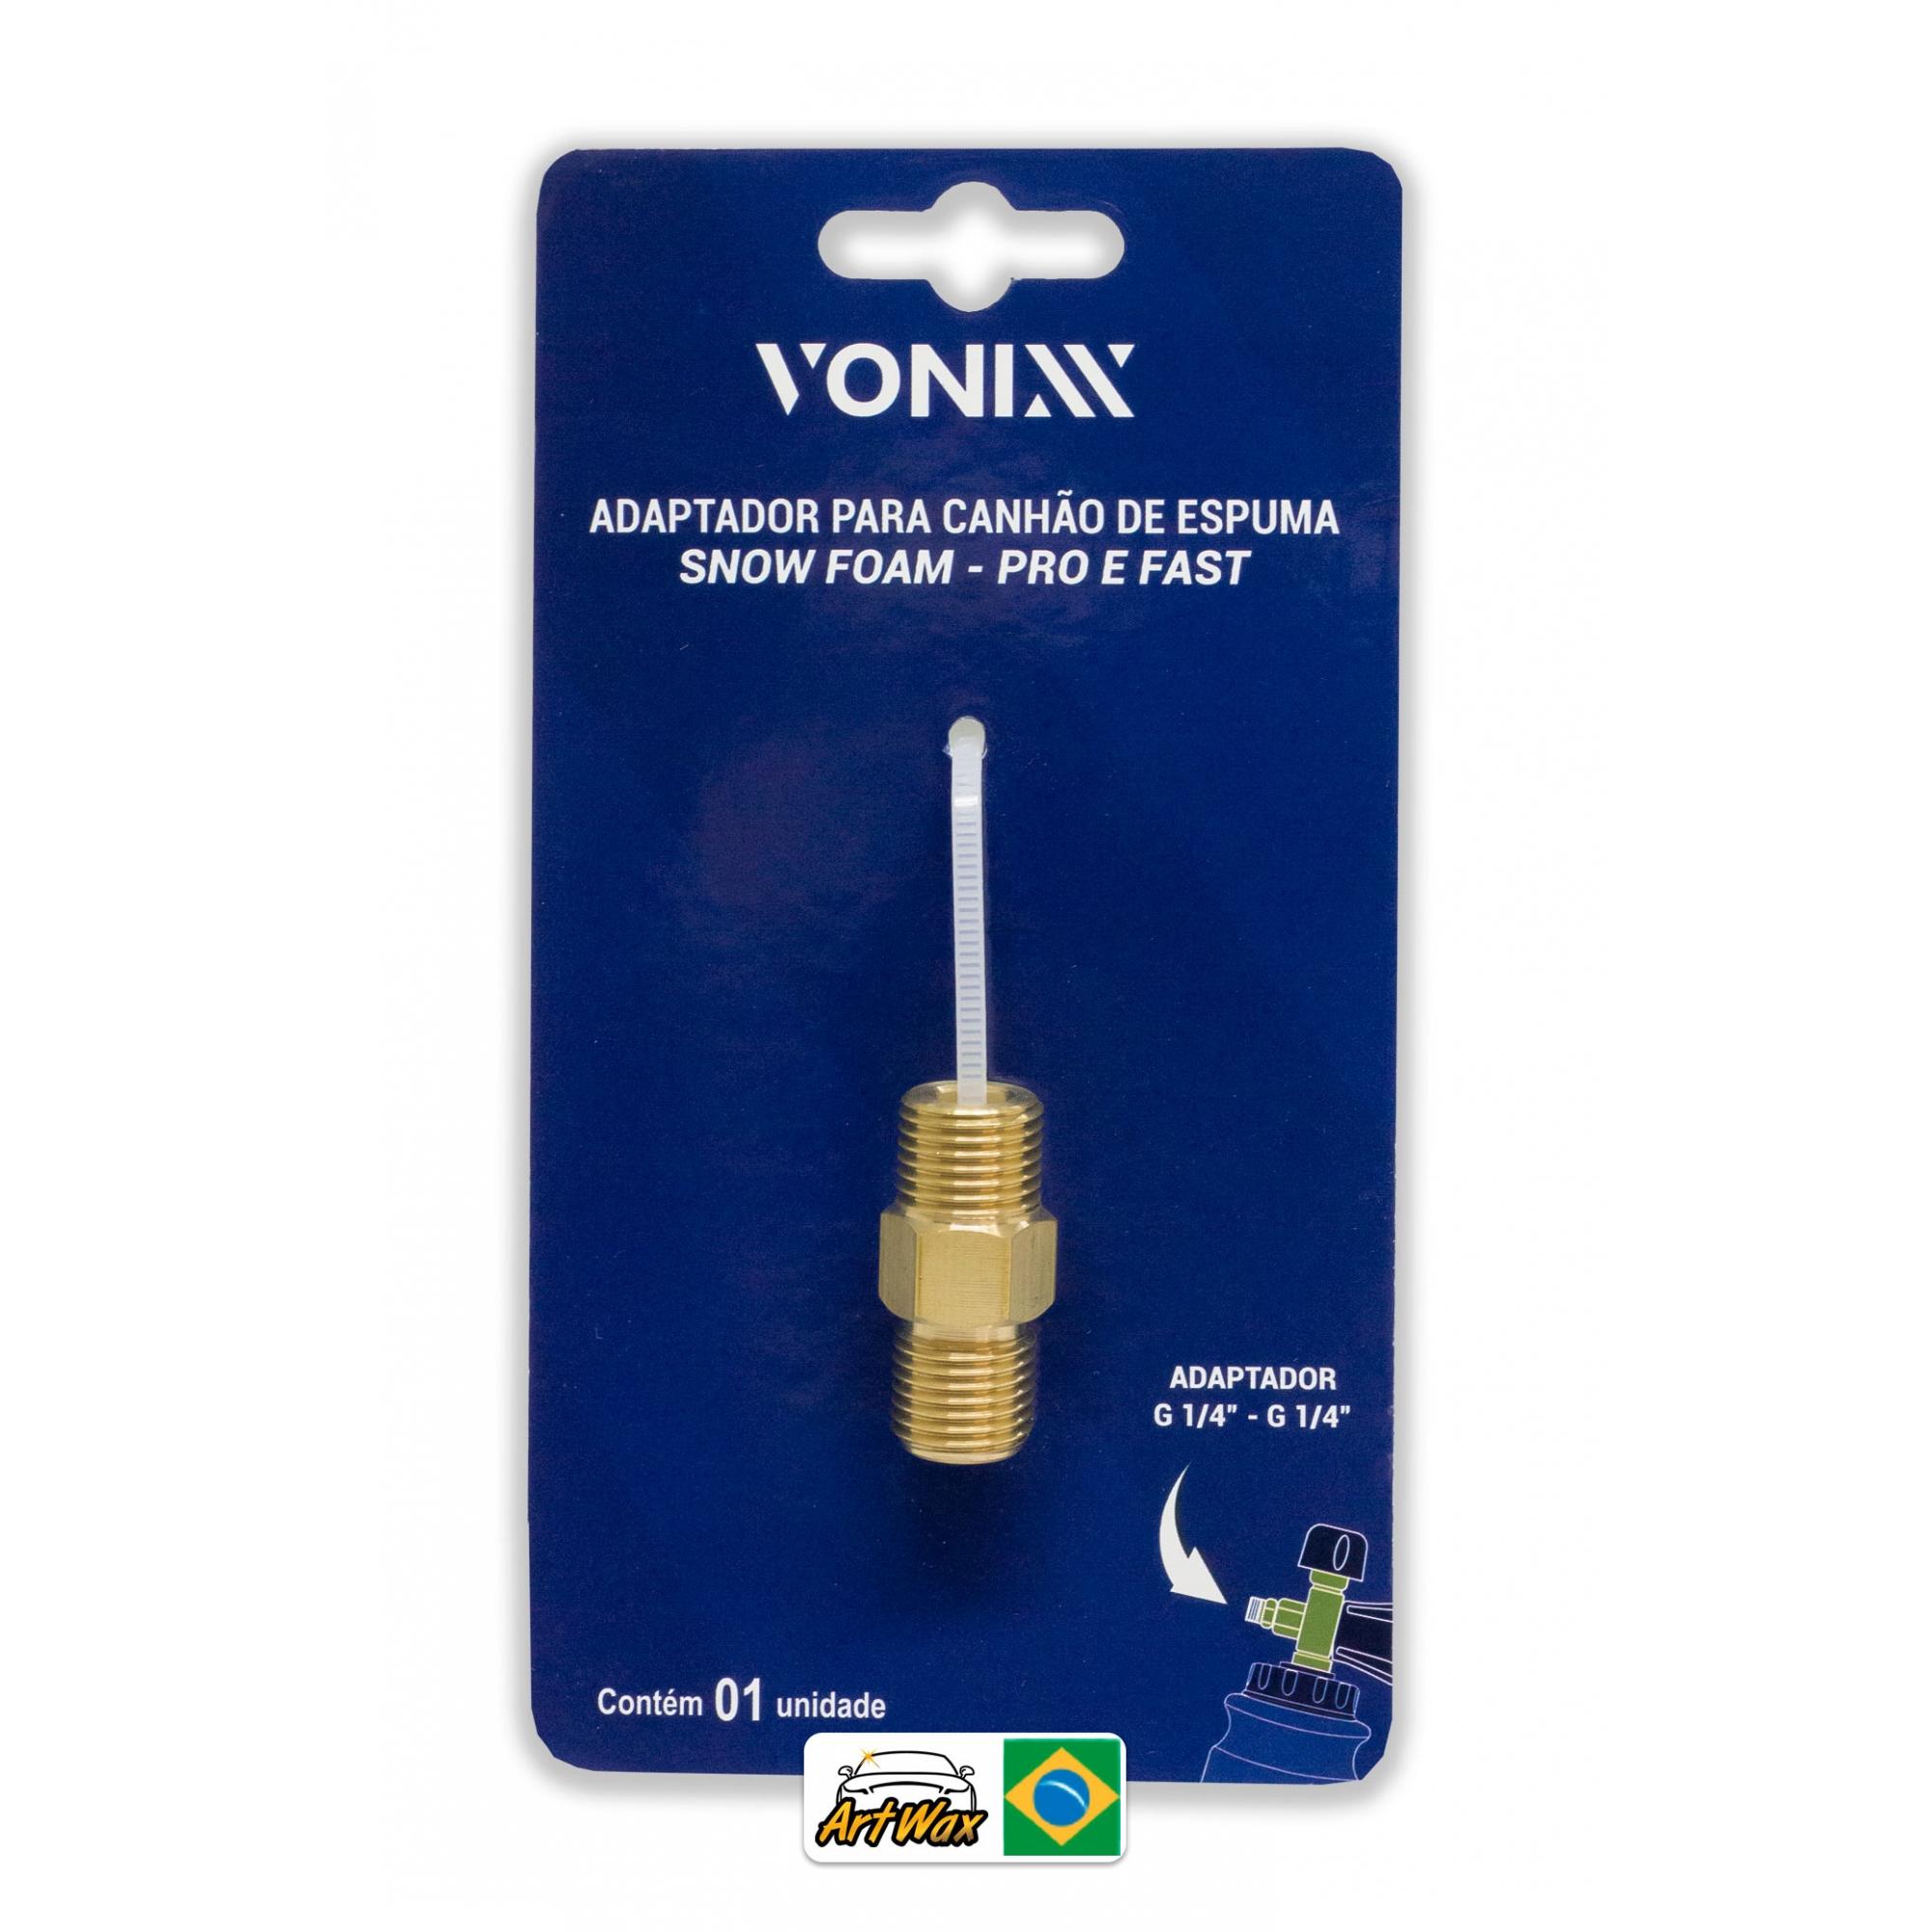 Vonixx Adaptador (Prolongador) Para Canhão de Espuma Snow Foam 1/4 Para 1/4